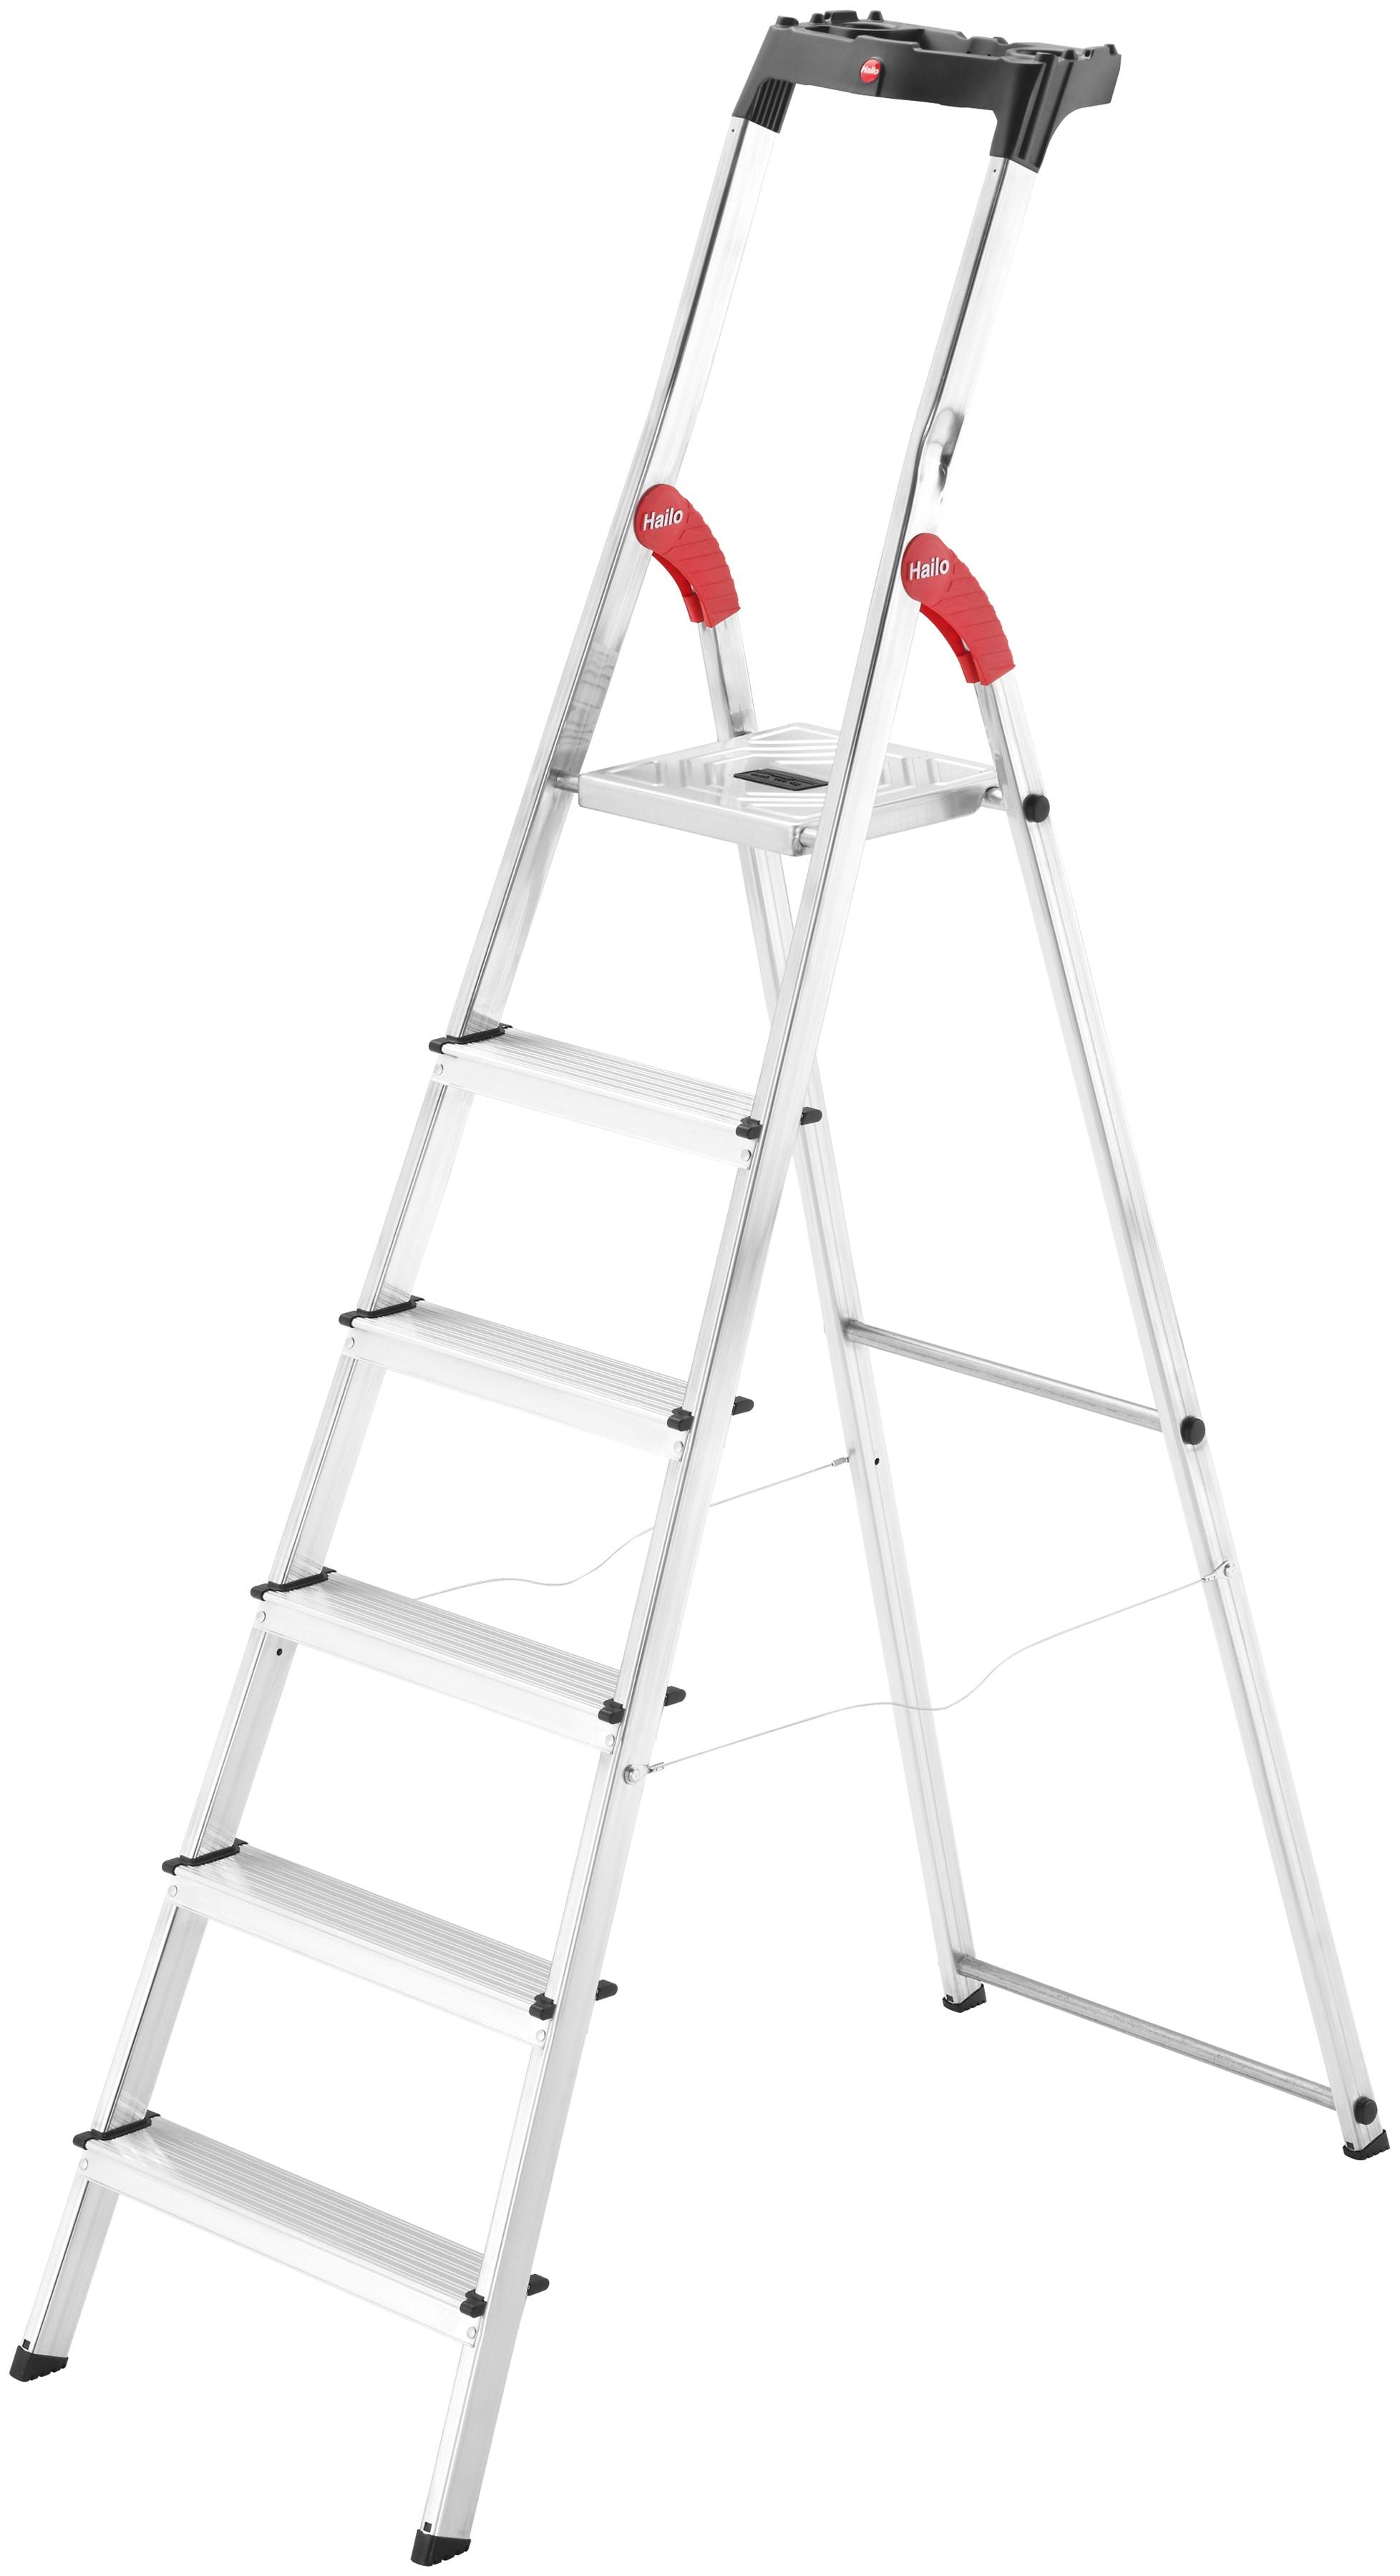 Hailo Sicherheitstrittleiter »L60 EasyClix« | Baumarkt > Leitern und Treppen > Trittleiter | Silberfarben | HAILO